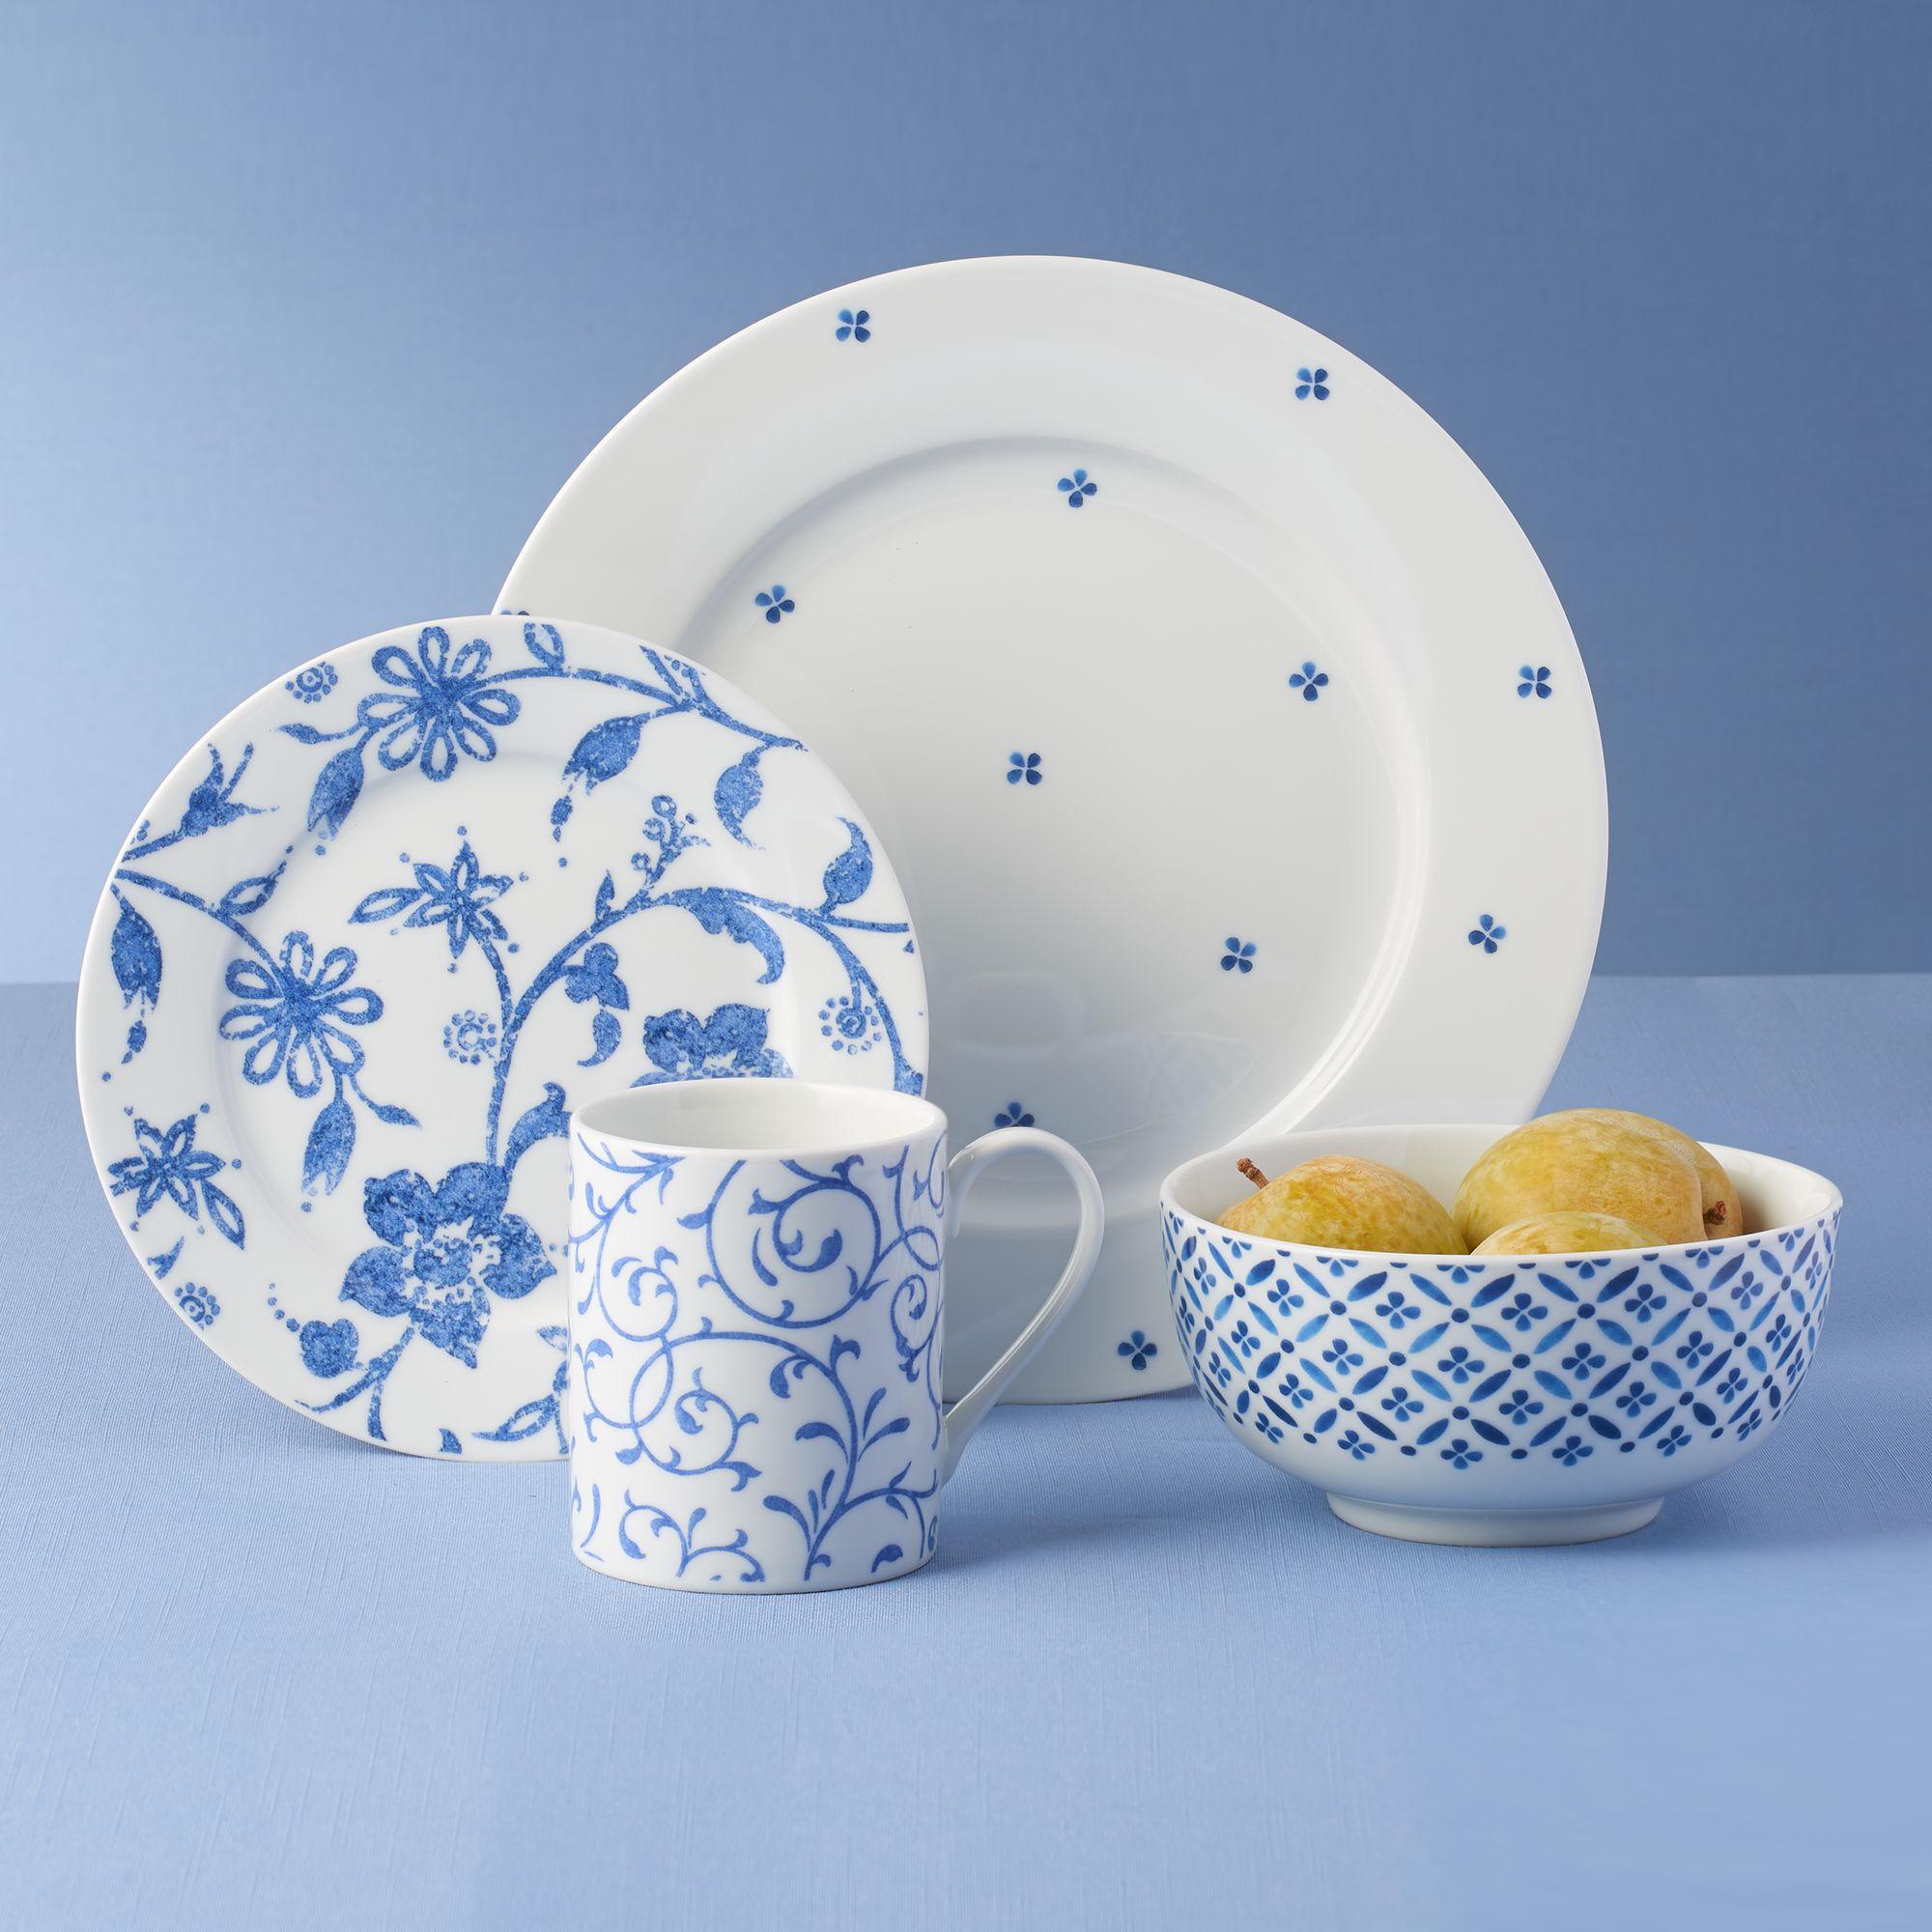 Spode \u0026quot;Blue Indigo\u0026quot; Porcelain Dinnerware  default  sc 1 st  Ross-Simons & Spode \